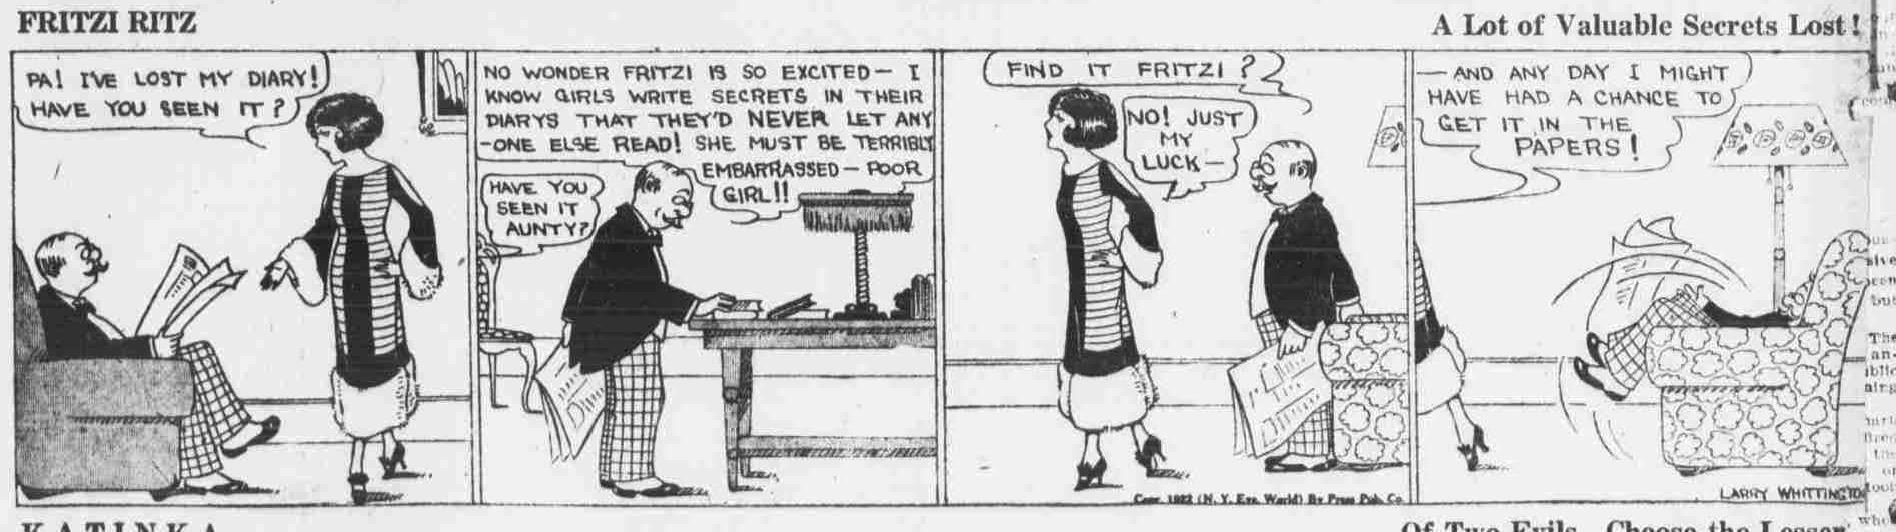 Oct. 20, 1922